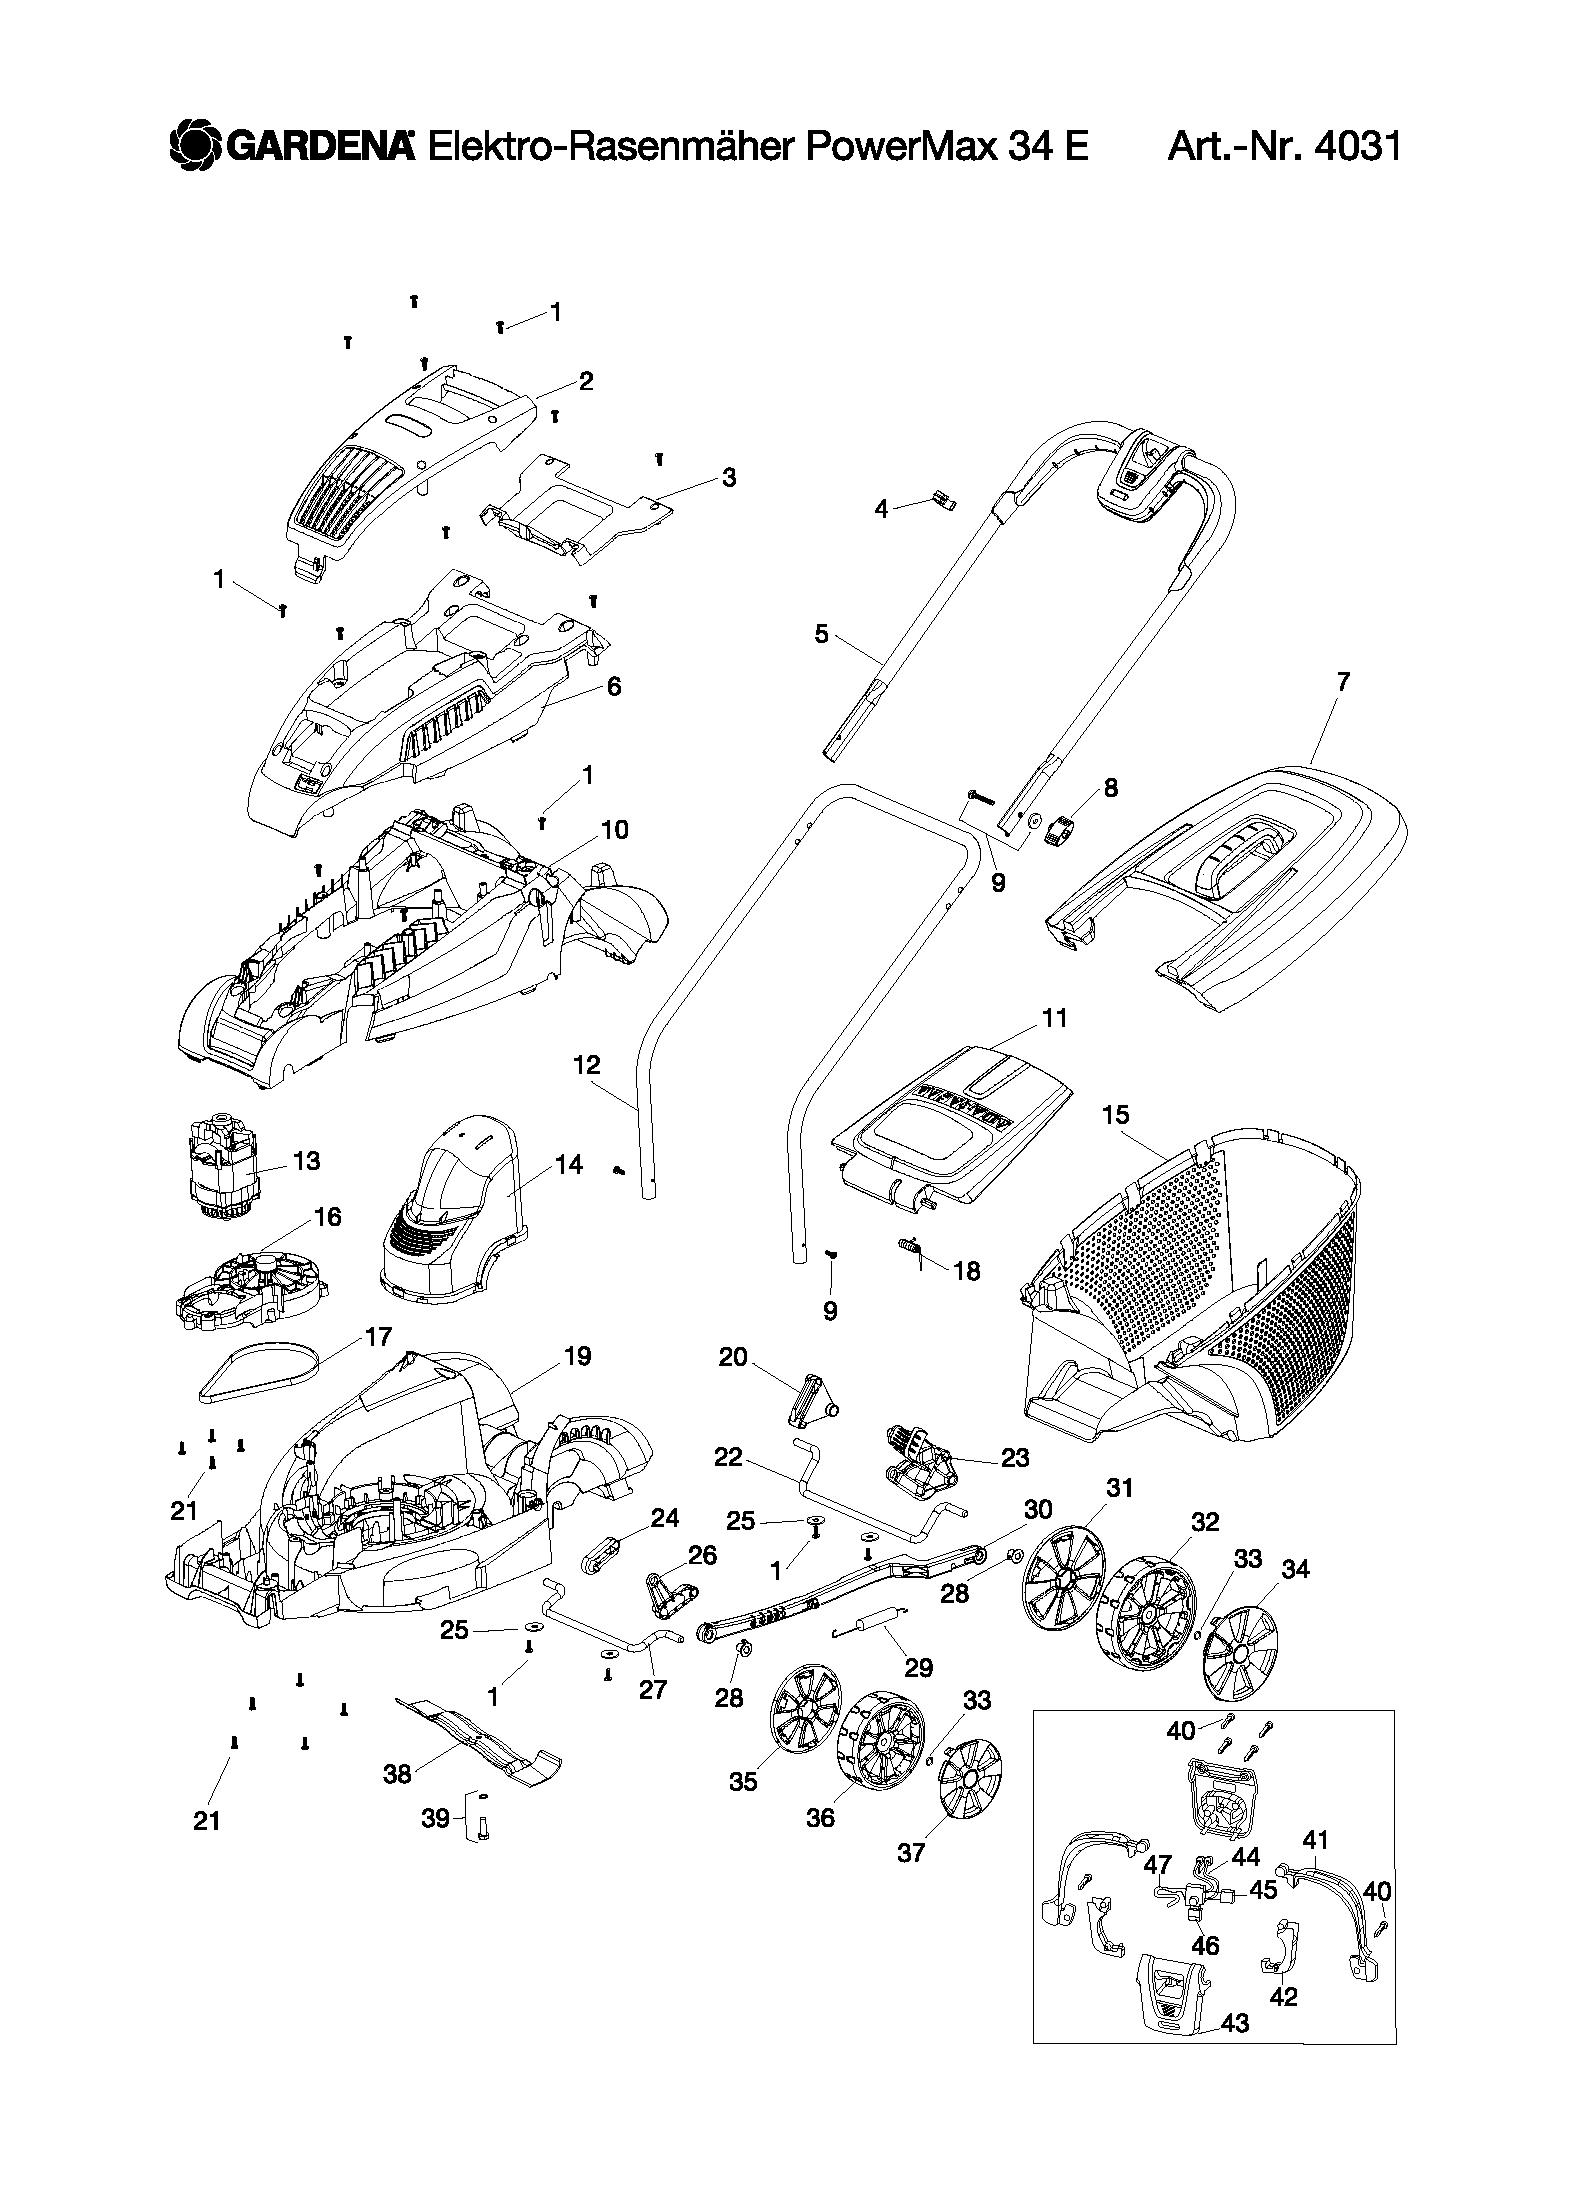 бесплатные двигатель для газонокосилки гардена 34 Управление